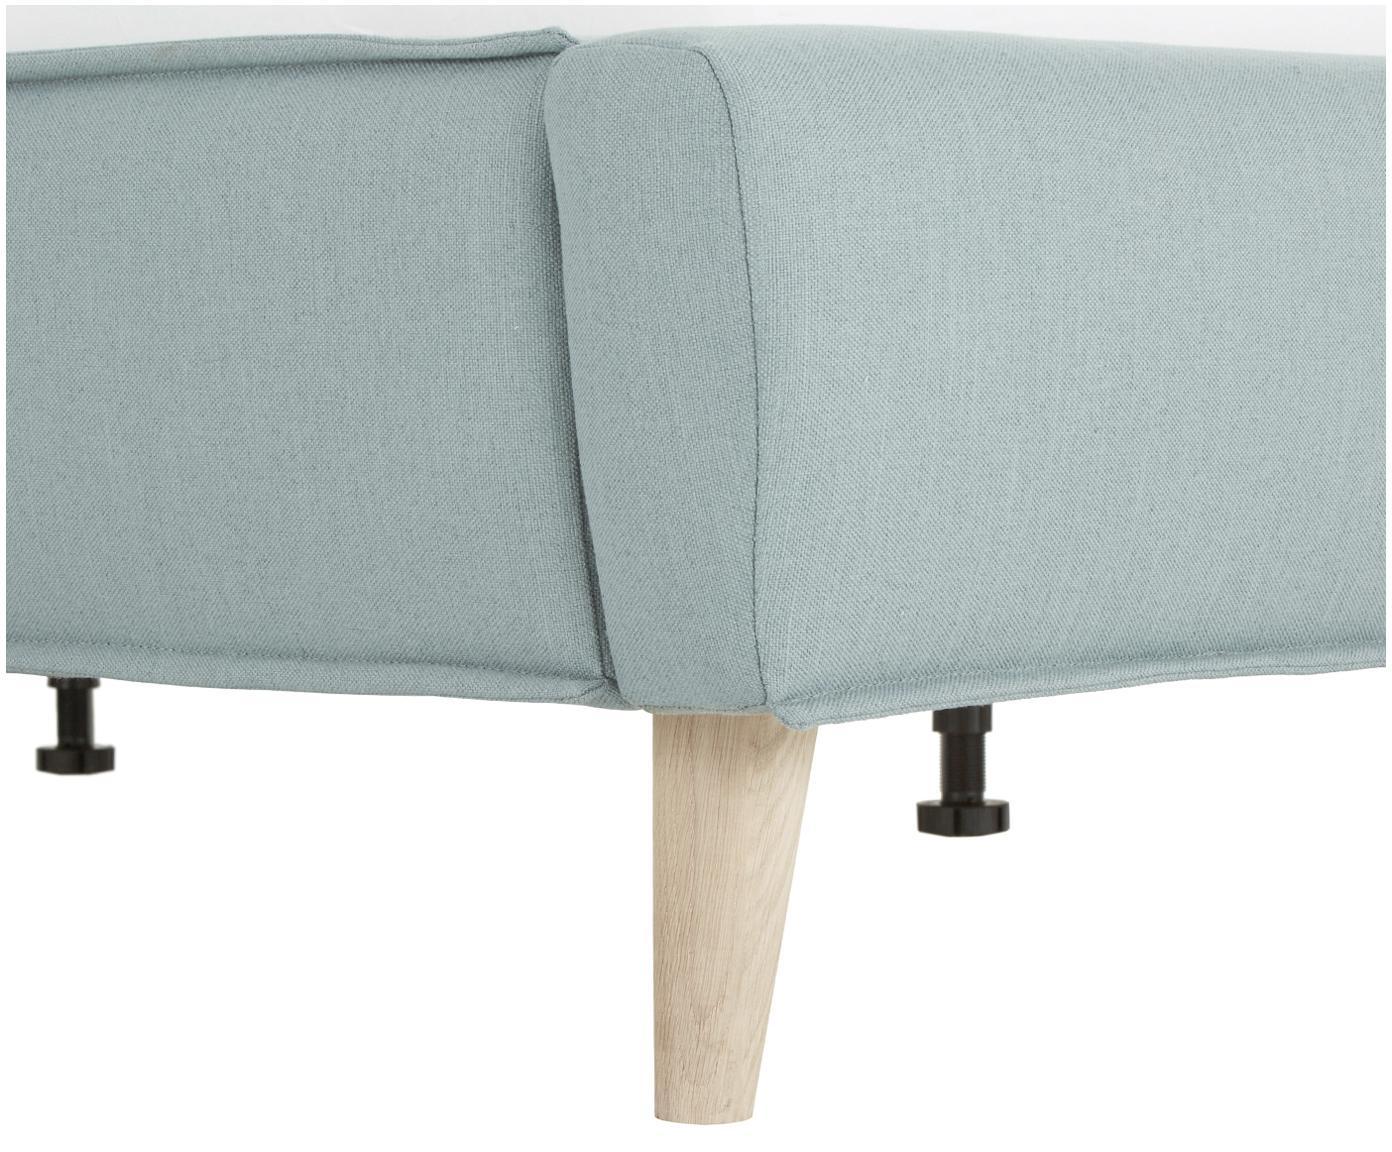 Łóżko tapicerowane Moon, Korpus: lite drewno sosnowe, Nogi: lite drewno dębowe, Tapicerka: poliester (materiał tekst, Jasny niebieski, 180 x 200 cm